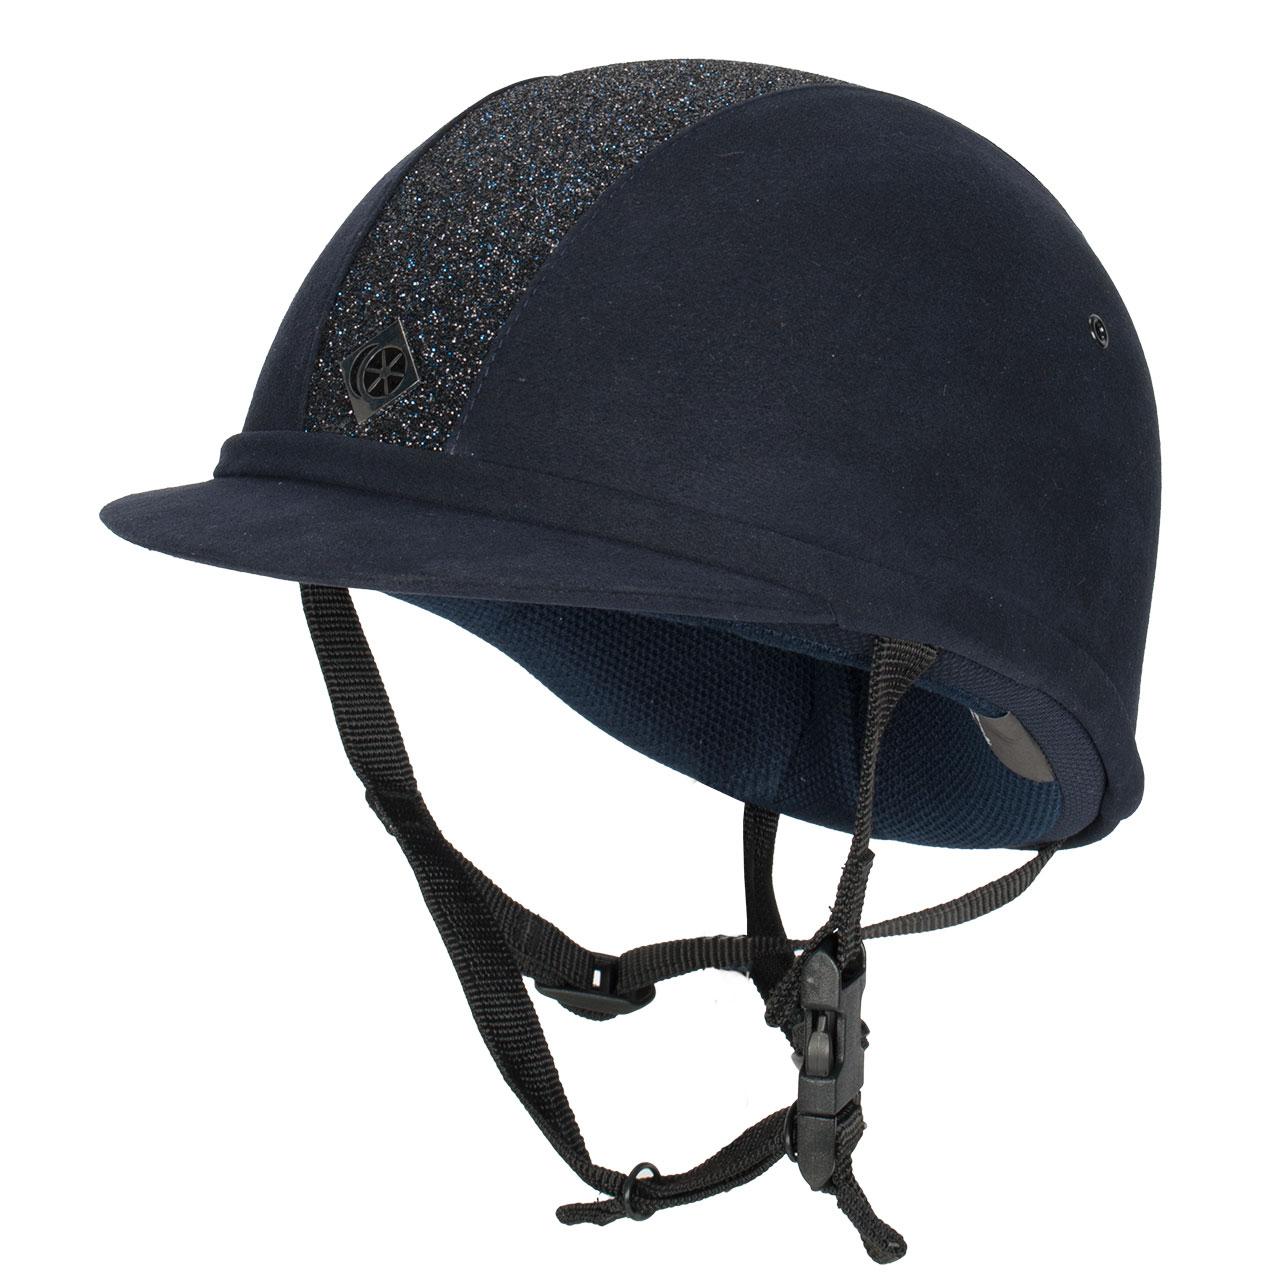 Charles Owen YR8 cap